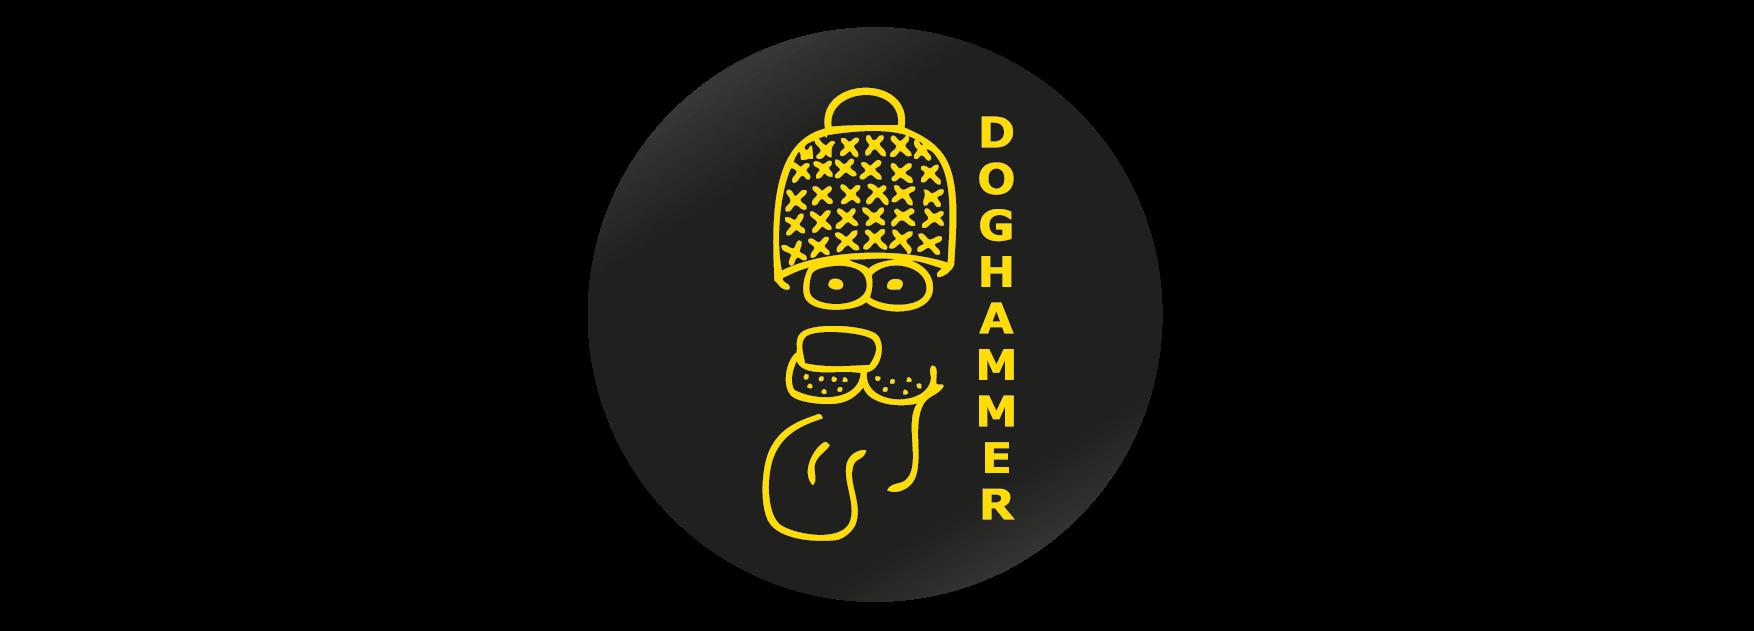 Unser Partner doghammer sponsort das Athletenteam mit coolen FlipFlops